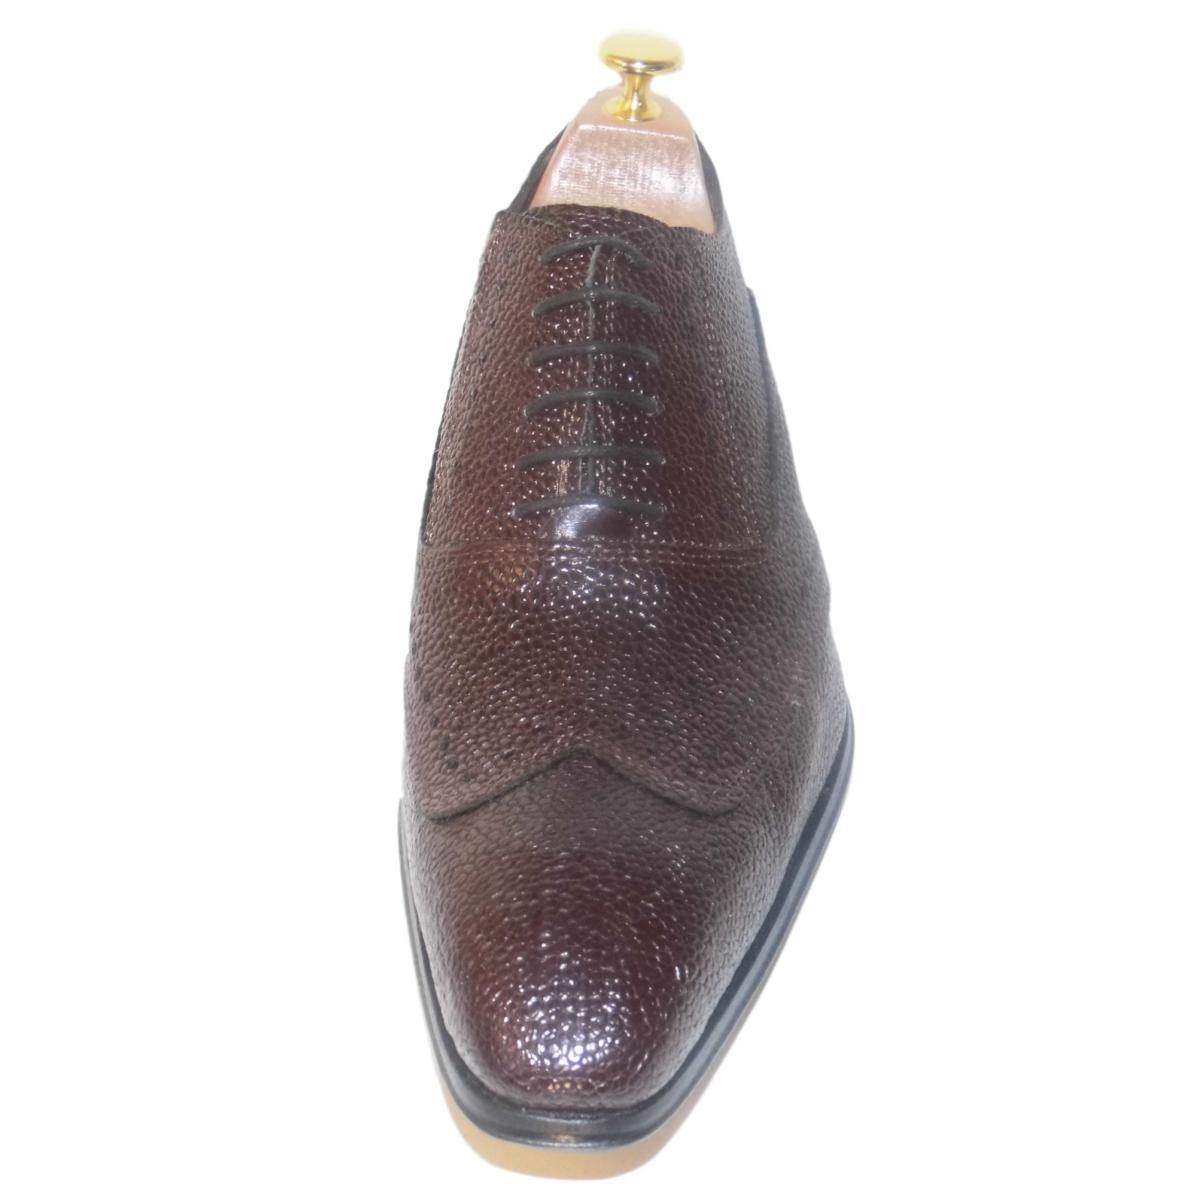 Cuir Bordeaux Richelieu Chaussure Grainé Madison FK1JlTc